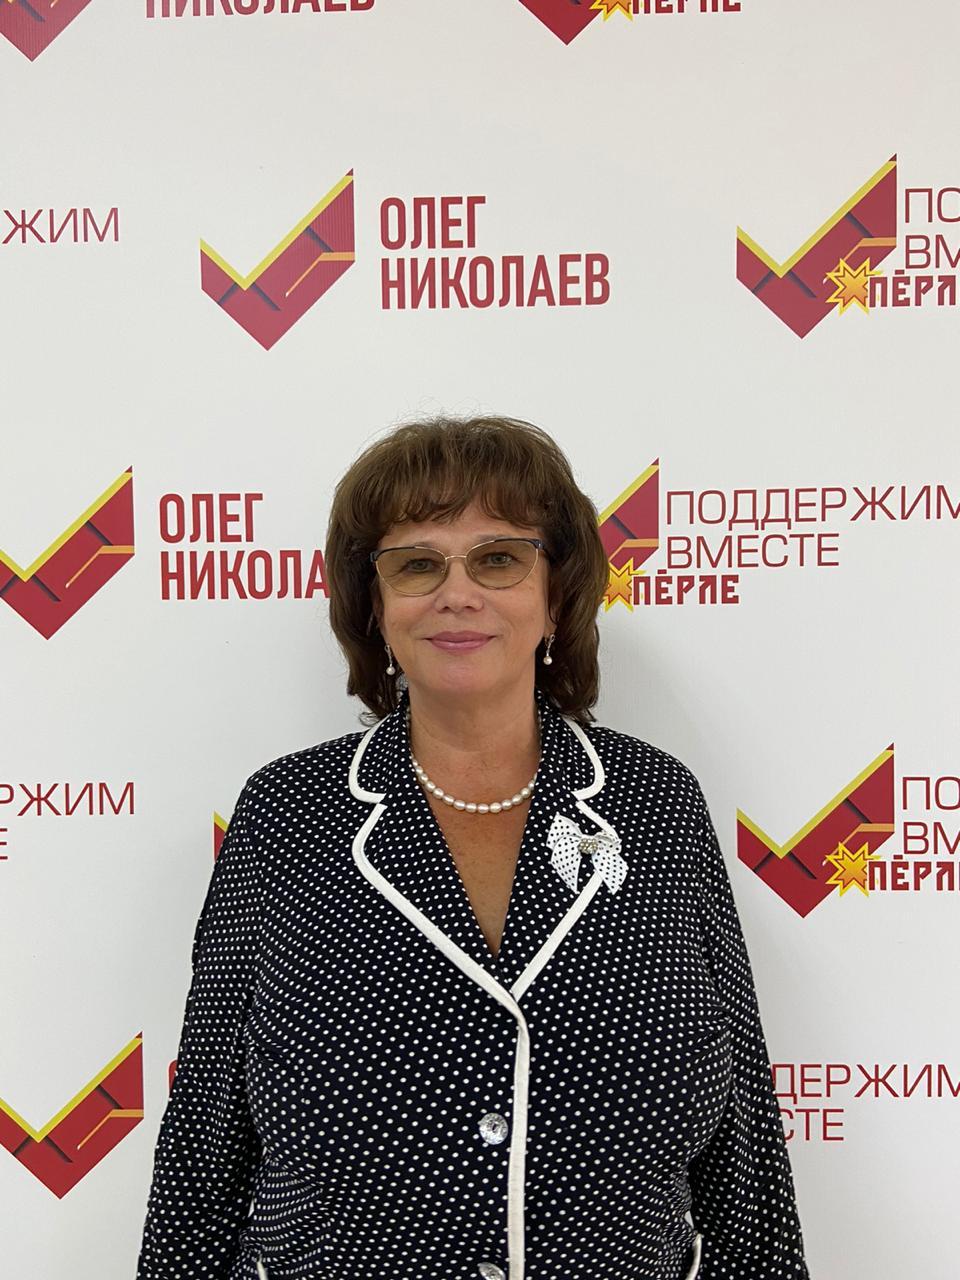 Почему волонтеры продолжают сбор подписей в поддержку Олега Николаева? 1